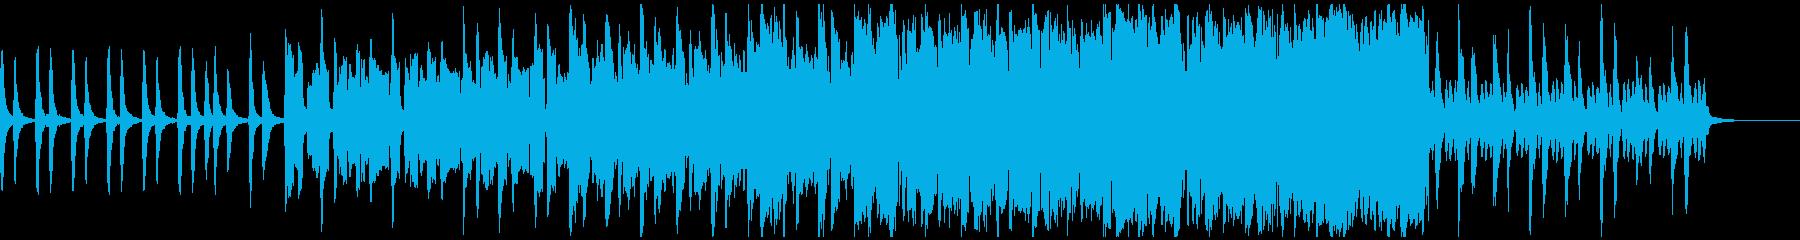 厳かなストリングスの再生済みの波形